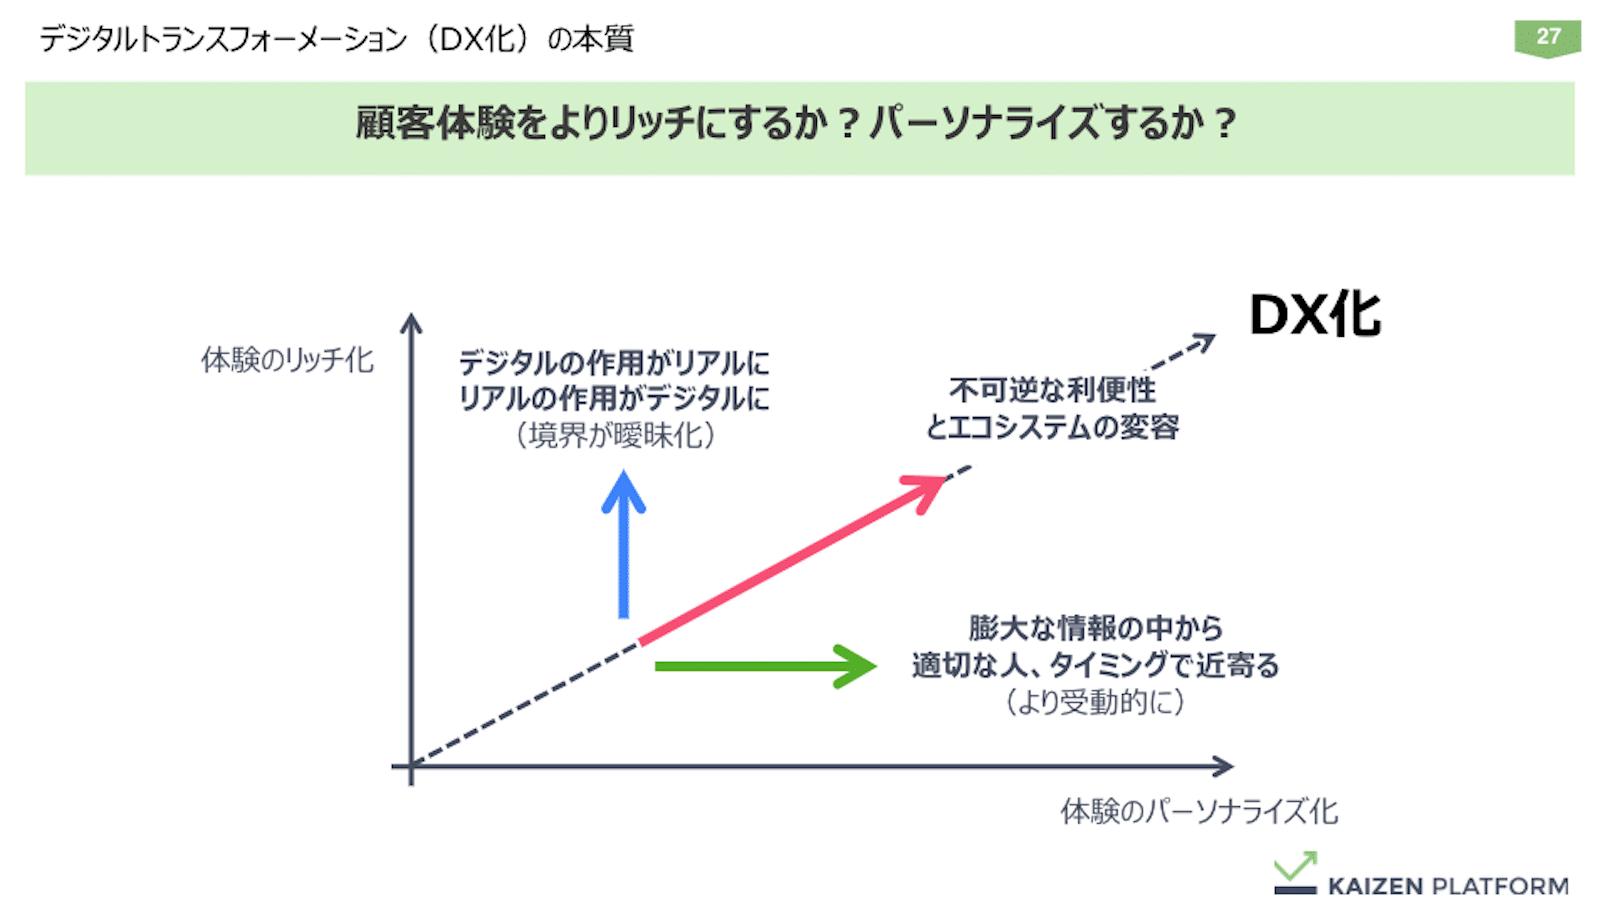 資料:デジタルトランスフォーメーション(DX化)の本質。顧客体験をよりリッチにするか?パーソナライズするか?